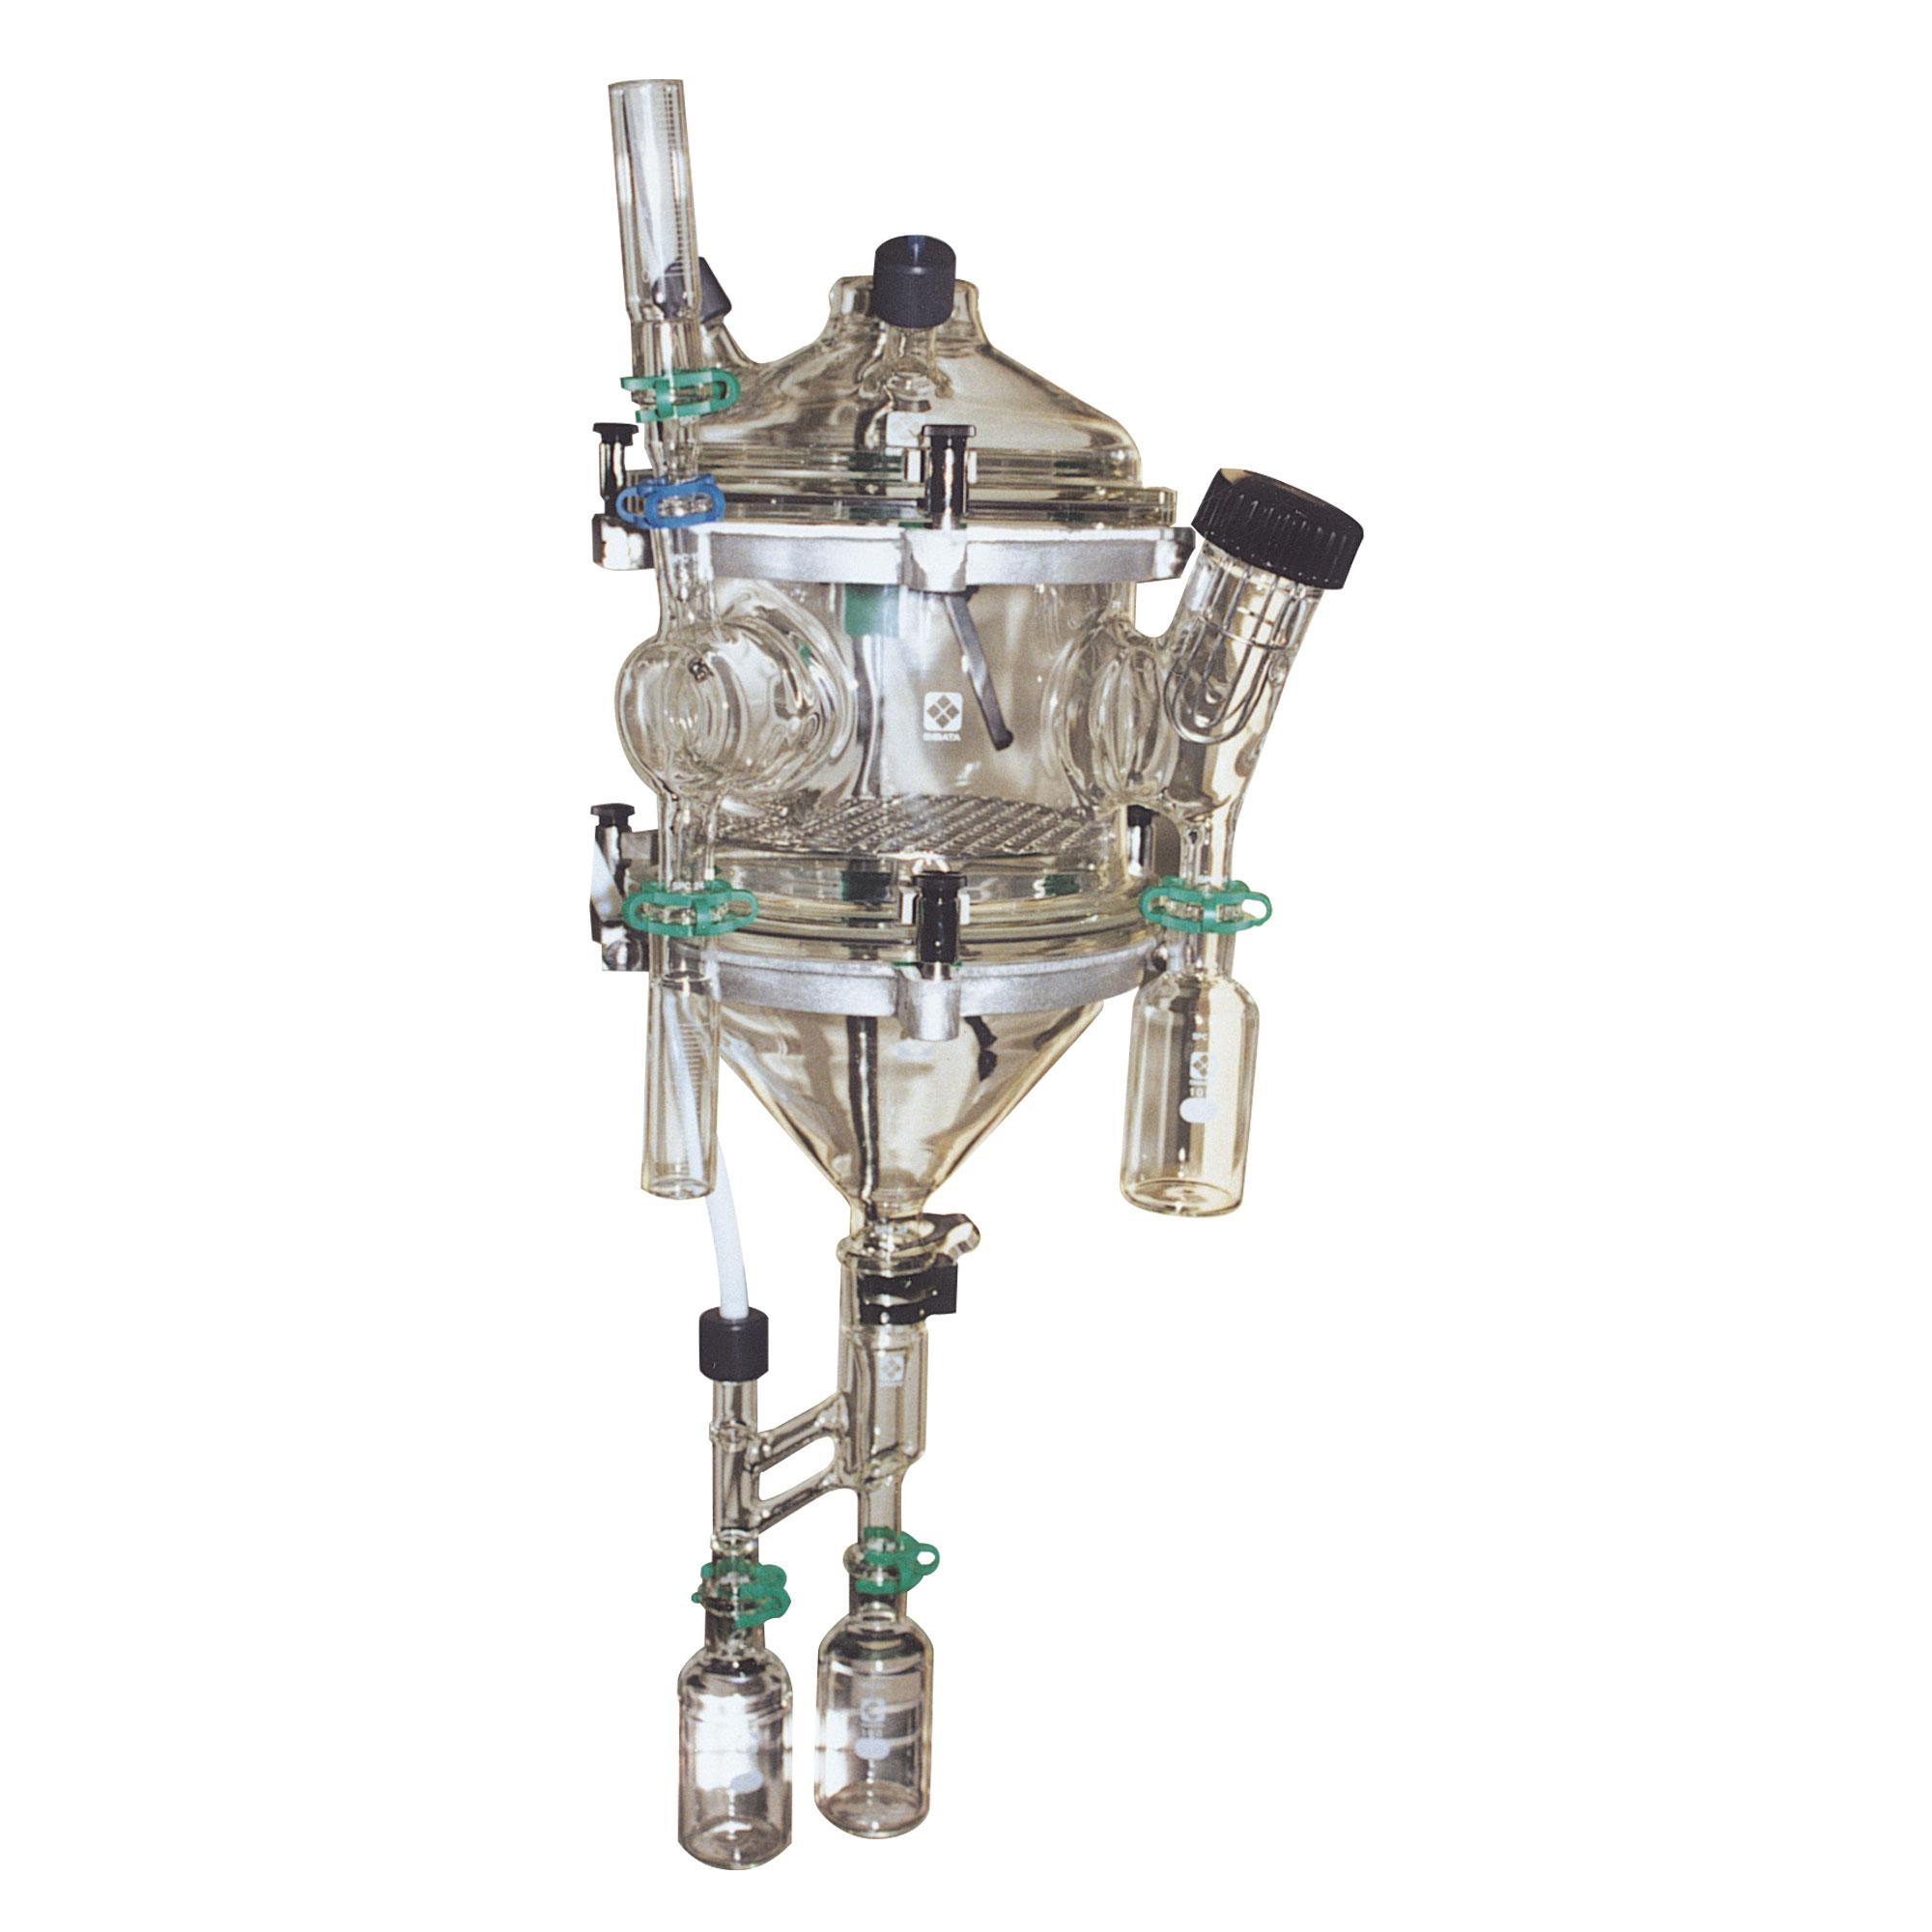 有機溶剤ガスばく露代謝実験装置